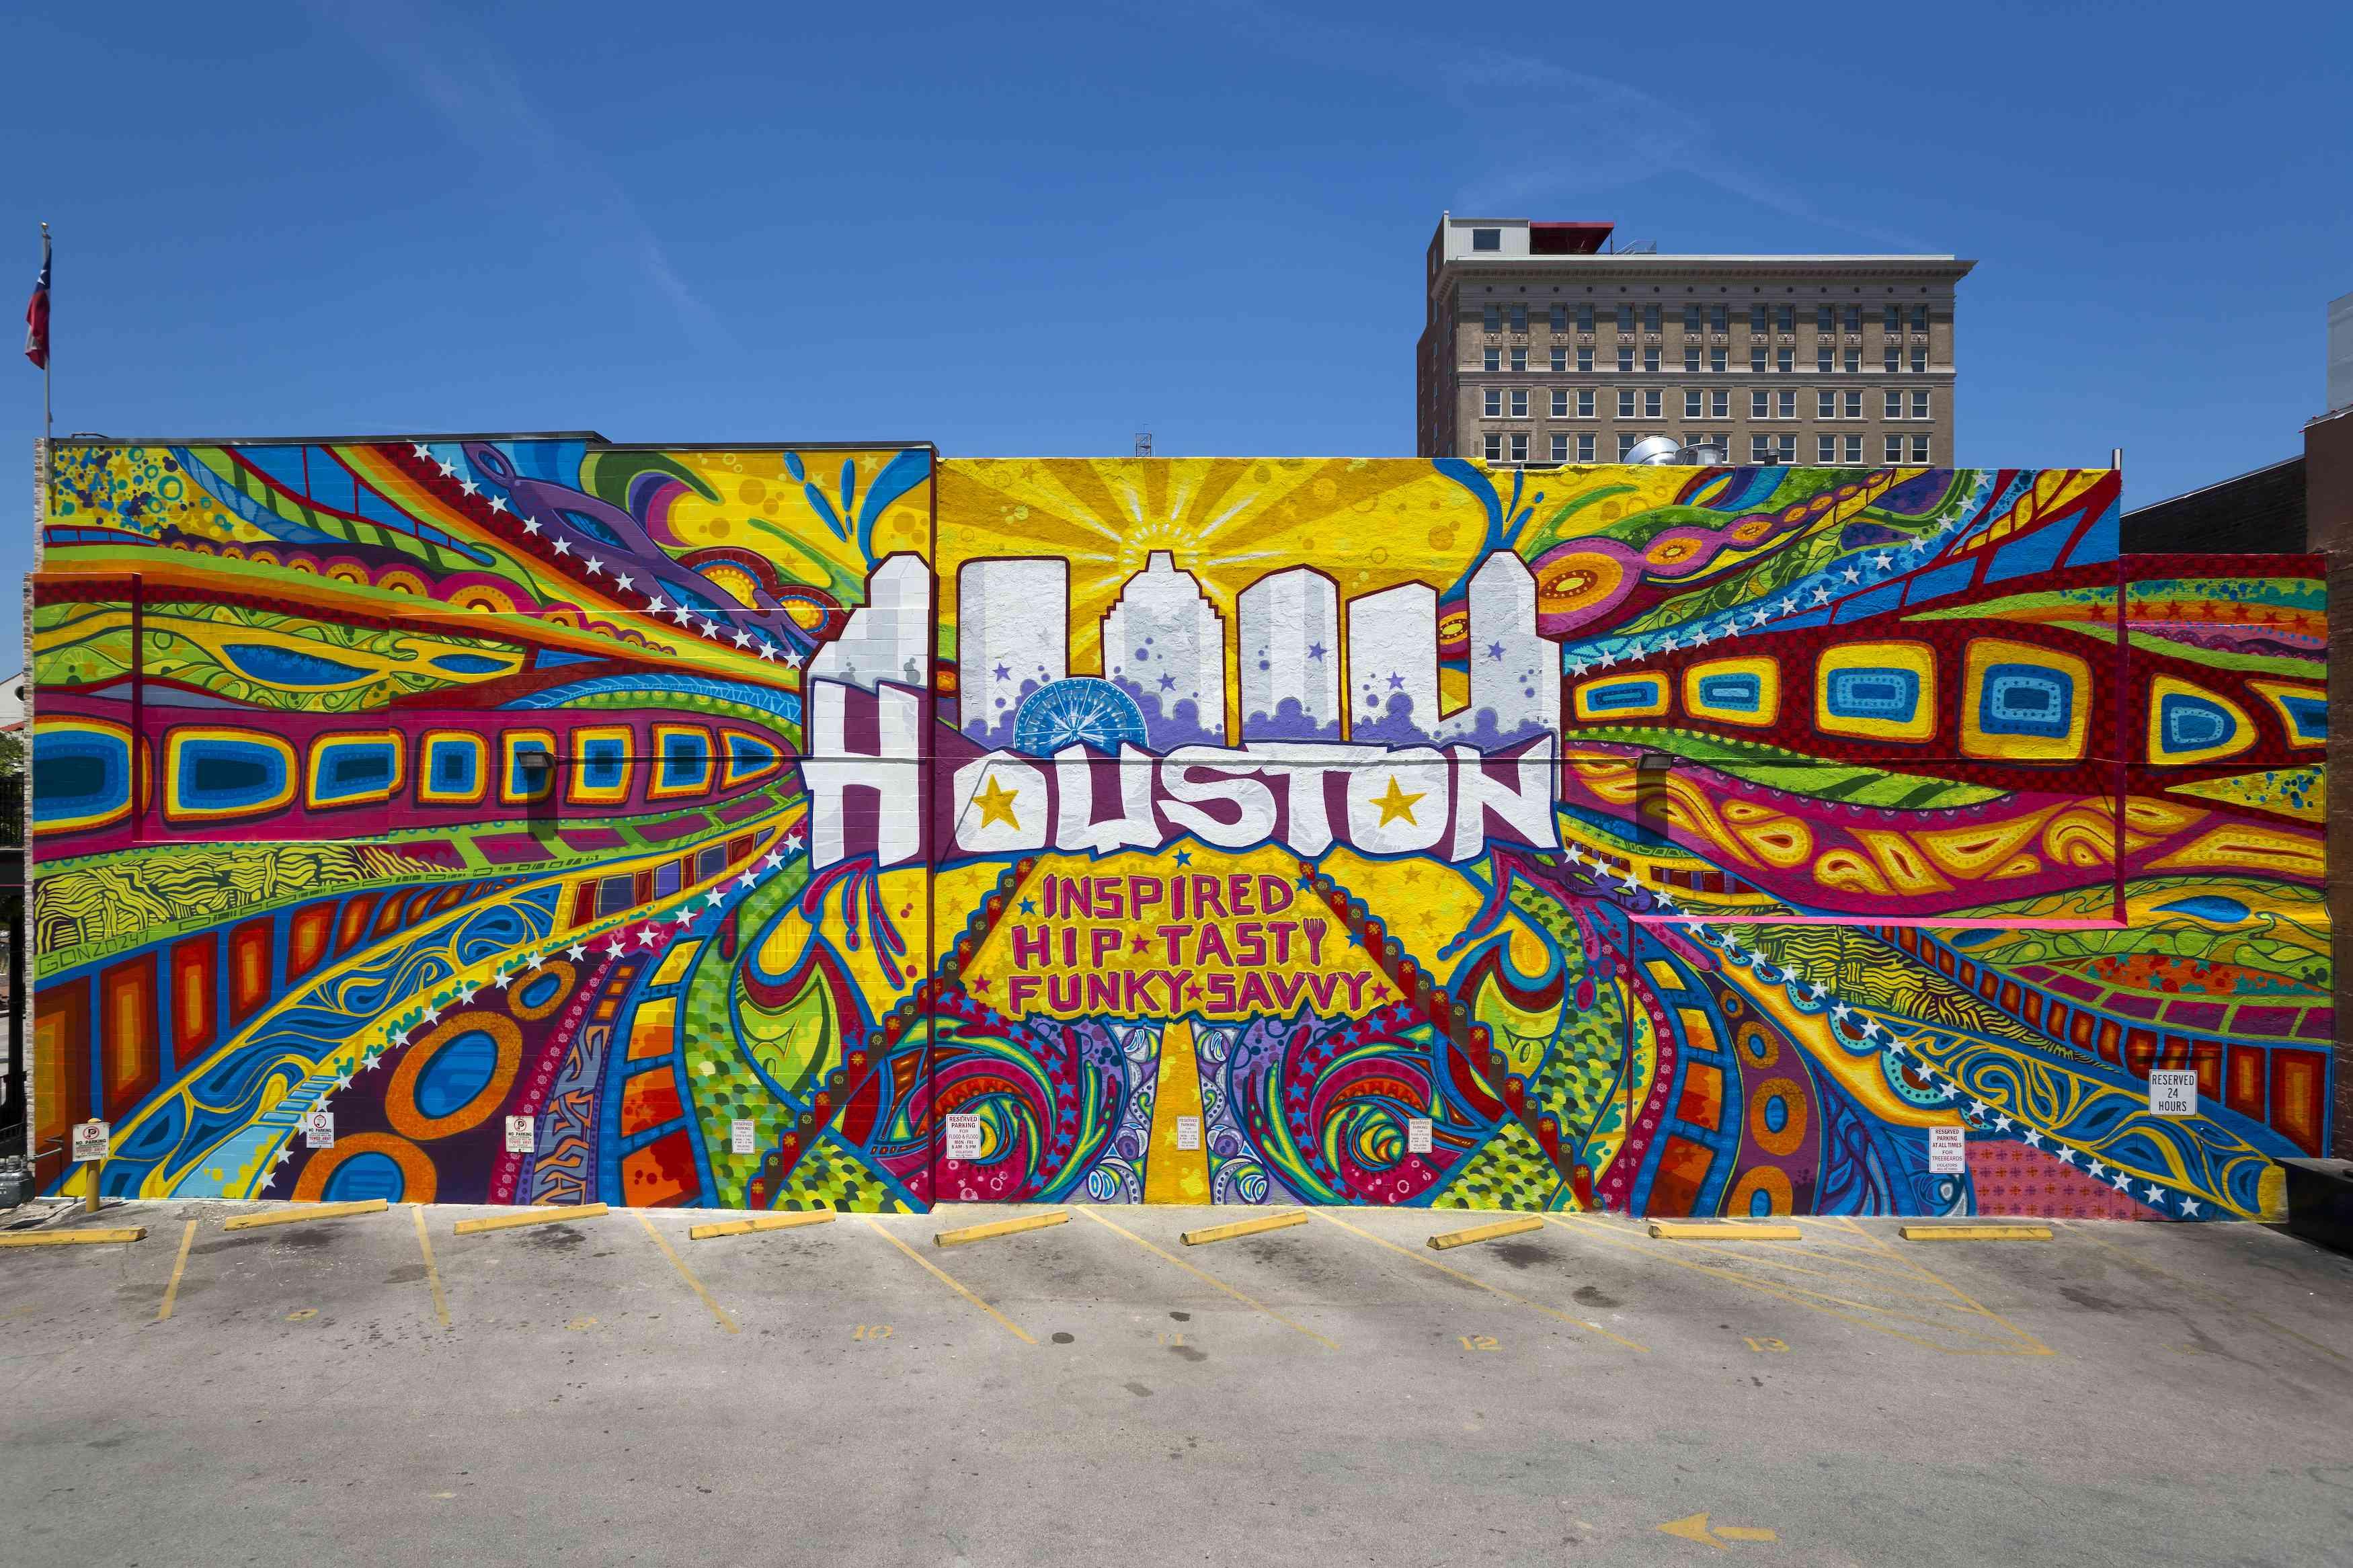 Houston Inspired street art